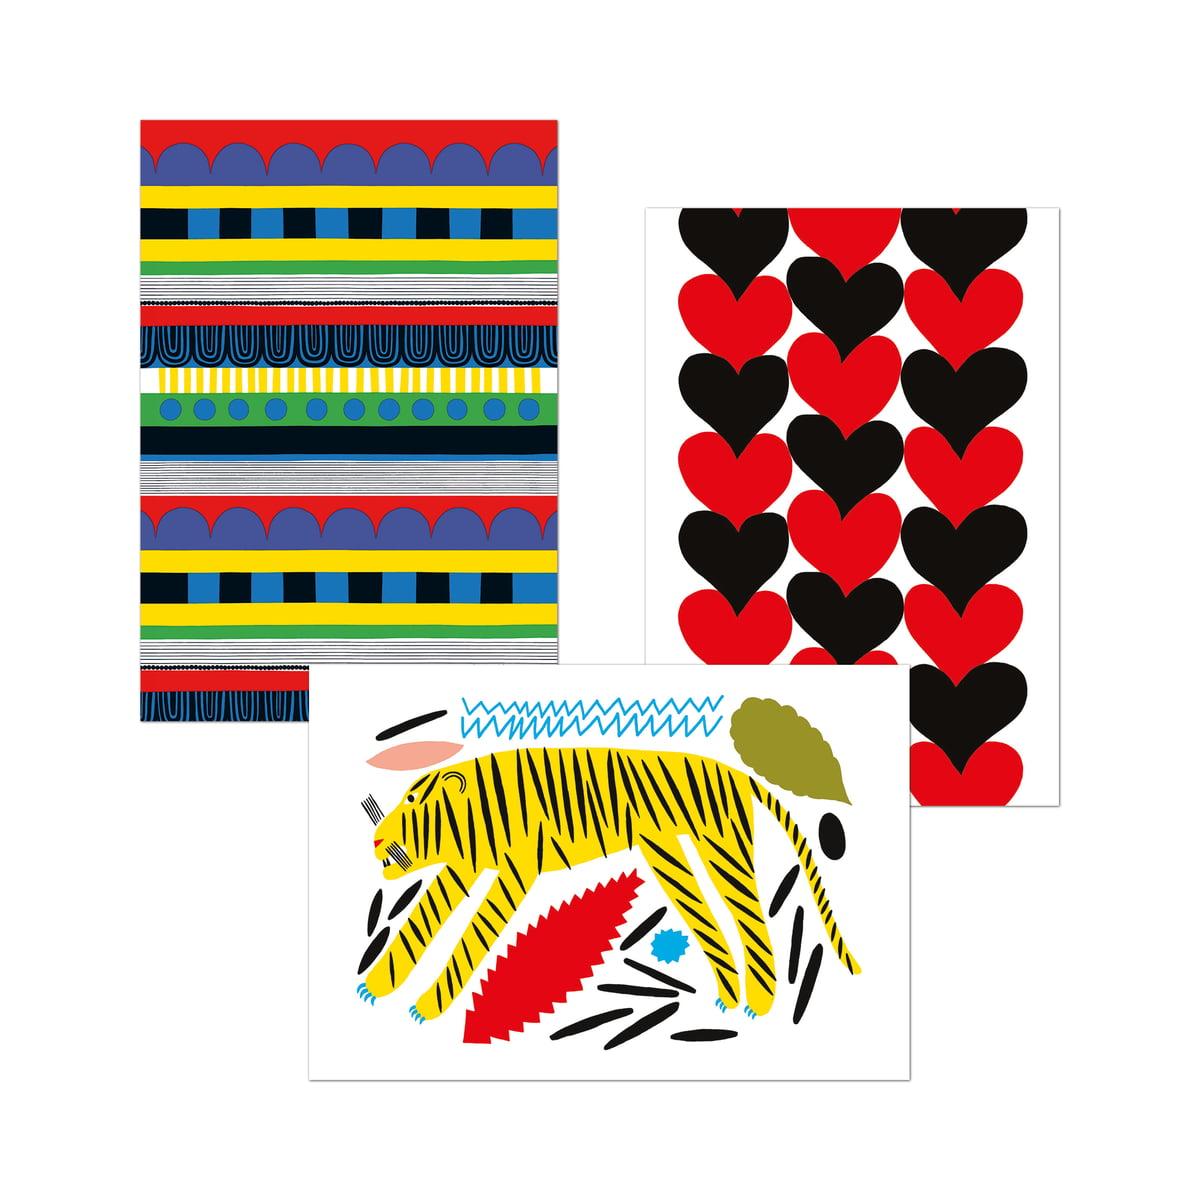 100 marimekko postkarten von dumont online kaufen. Black Bedroom Furniture Sets. Home Design Ideas